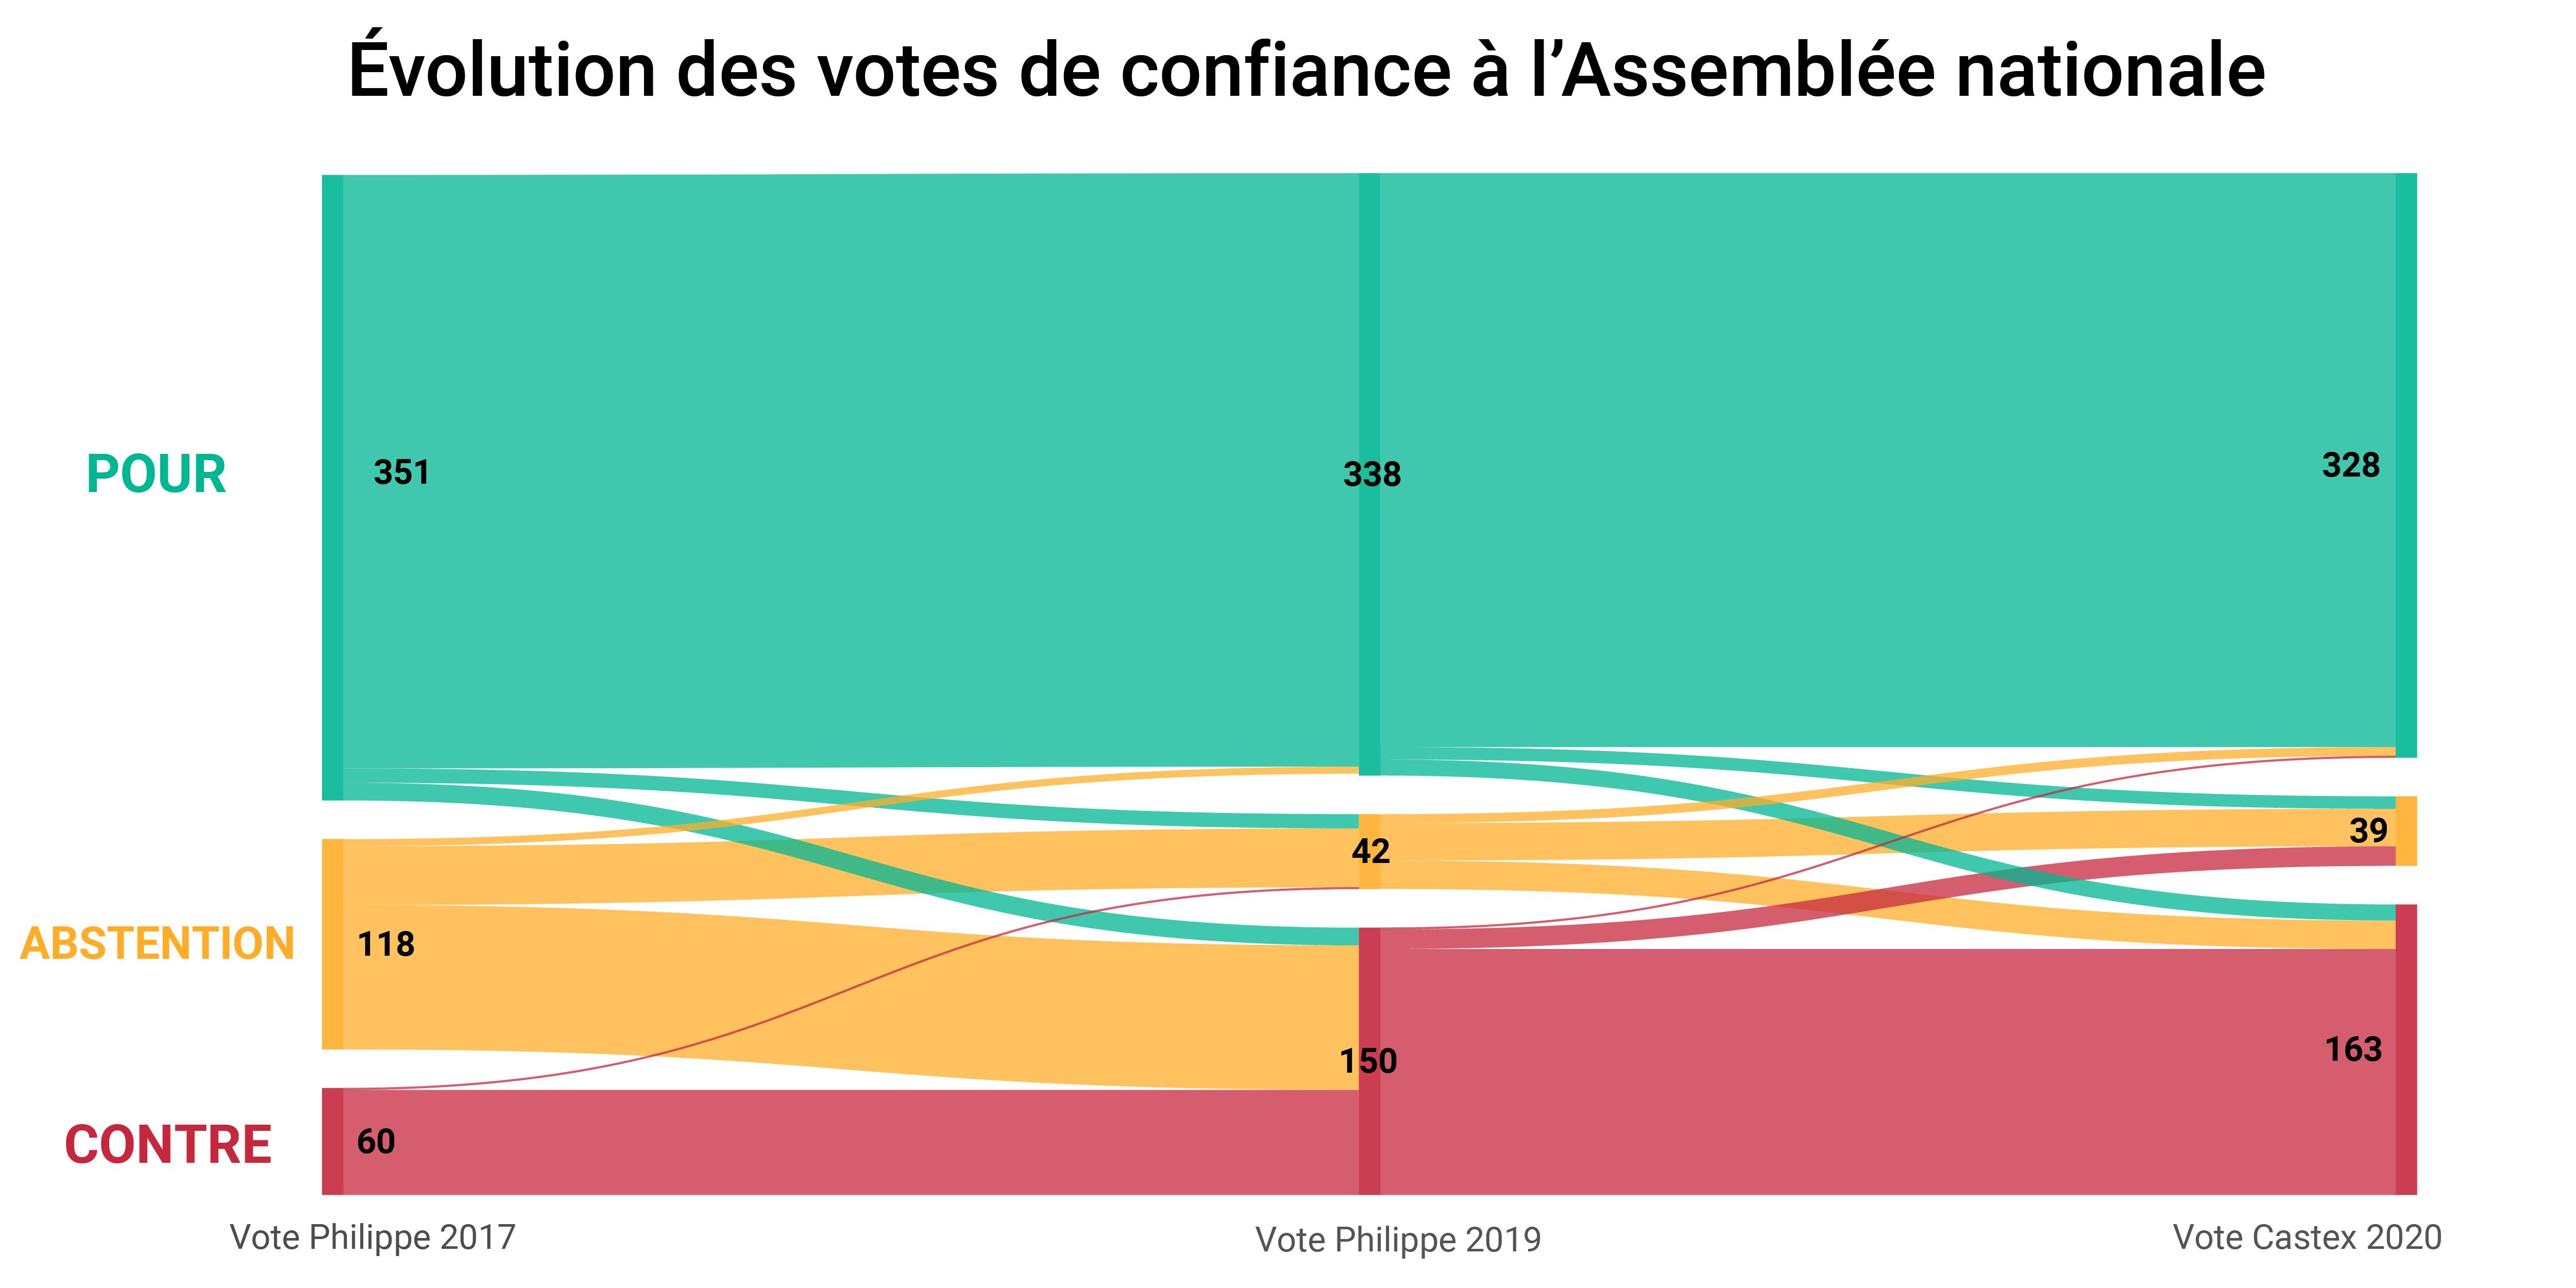 Evolution des votes des 533 députés qui ont pris part aux trois votes de confiance (2017, 2019 et 2020).